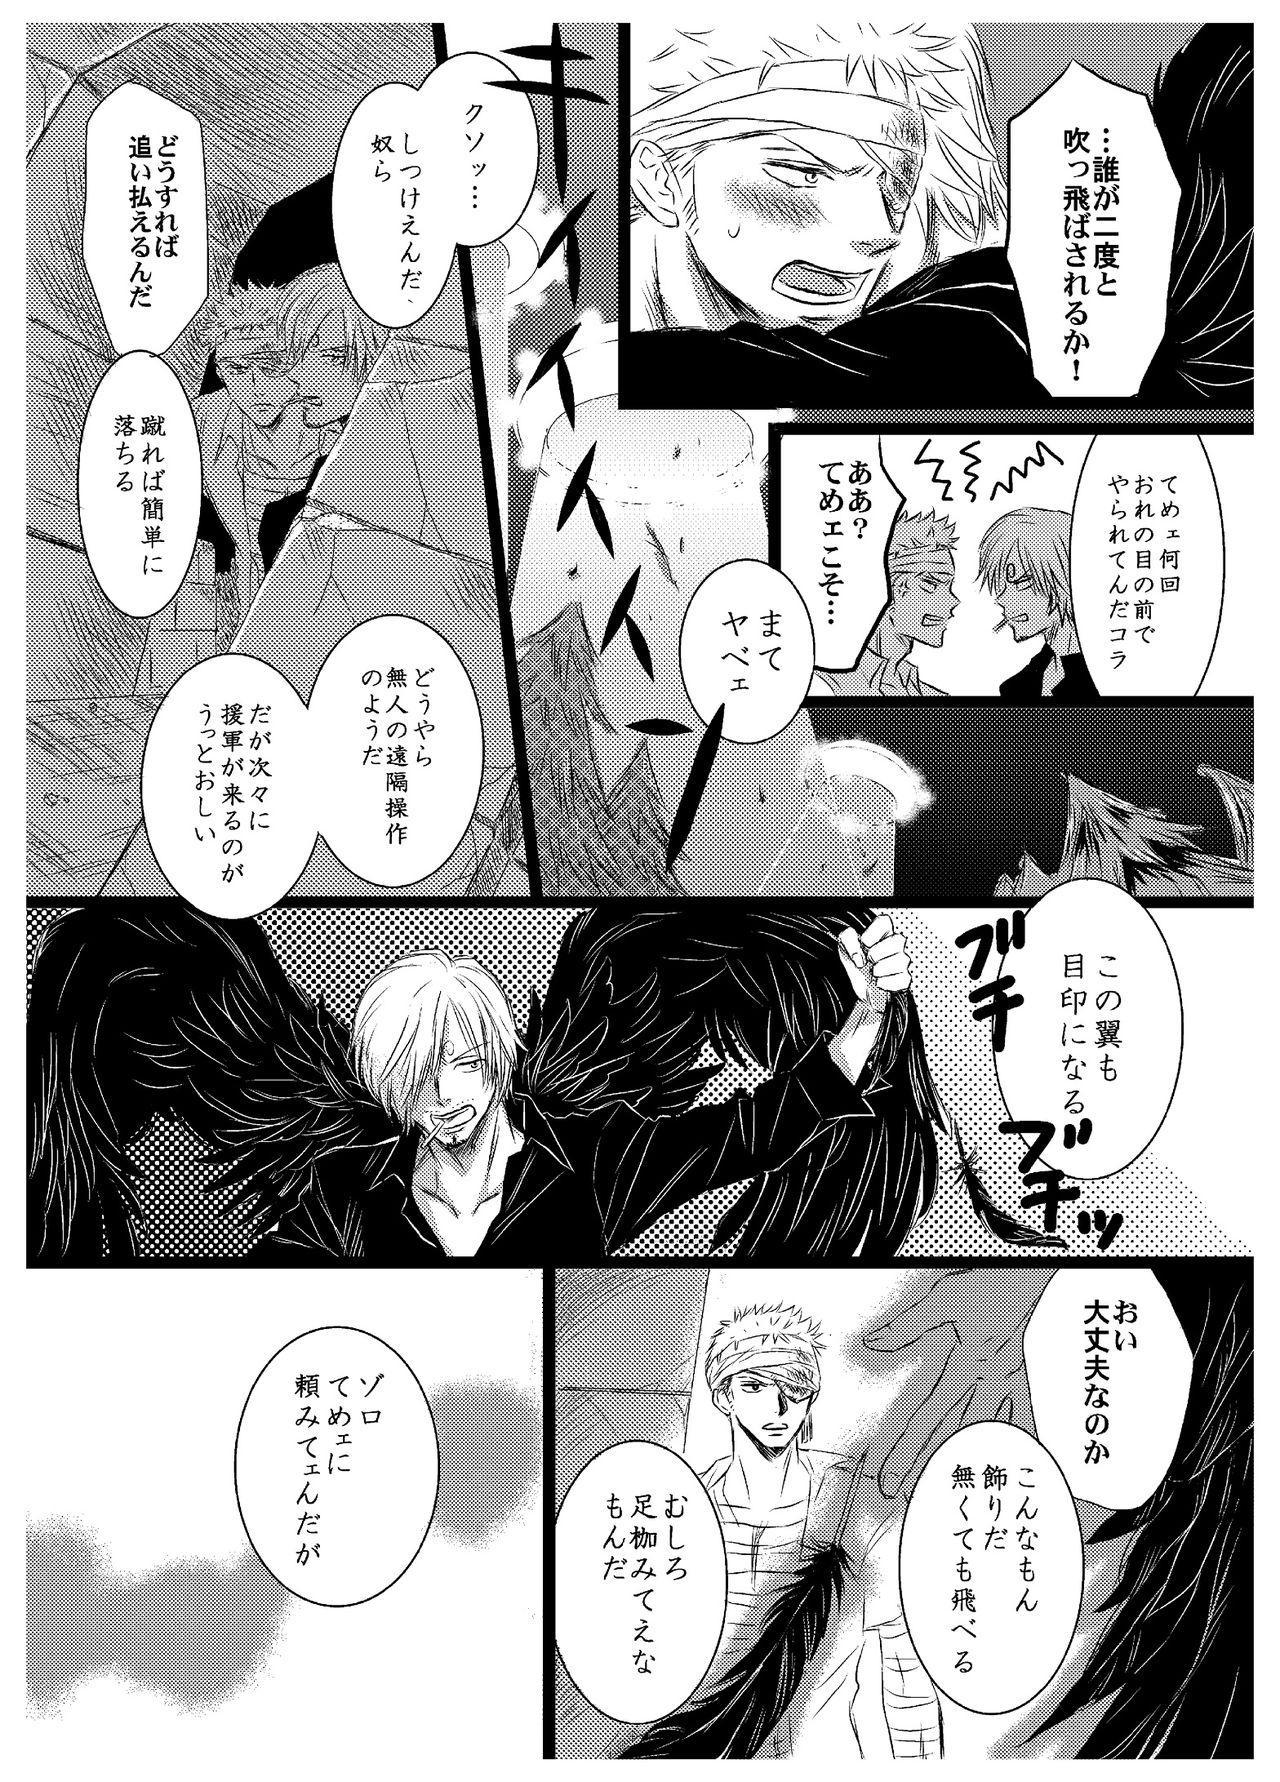 Inryoku de Hanasanai 24